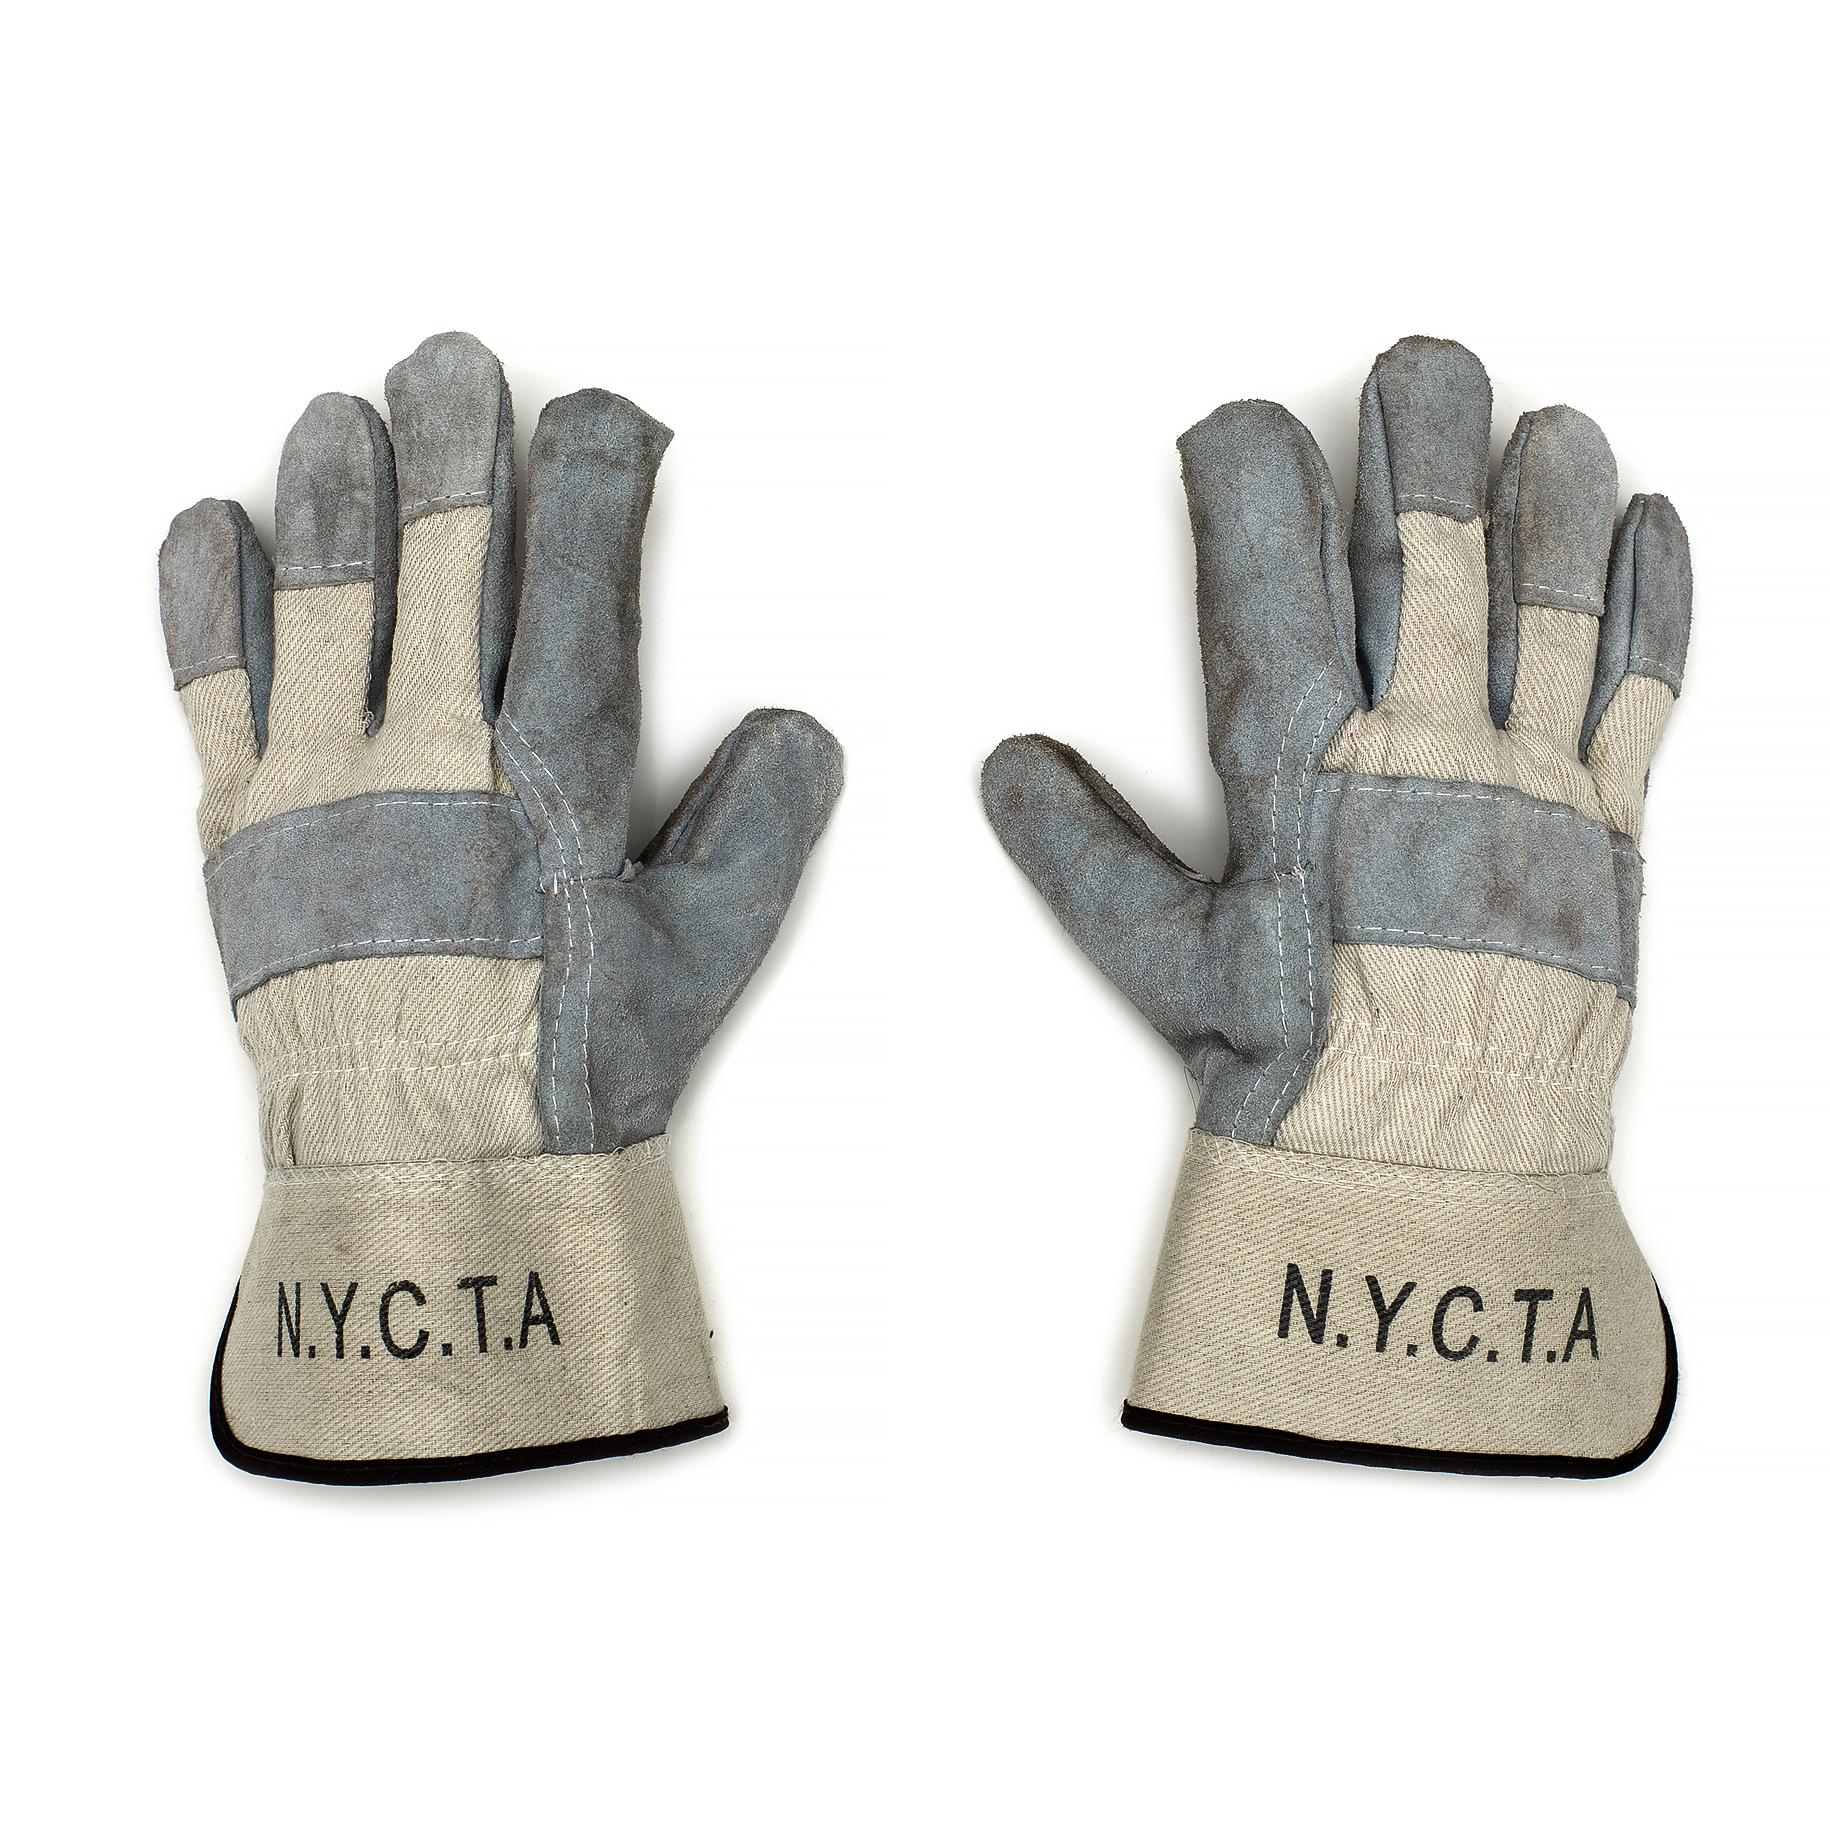 the_nycta_project__nycta_gloves_brian_kelley.jpg